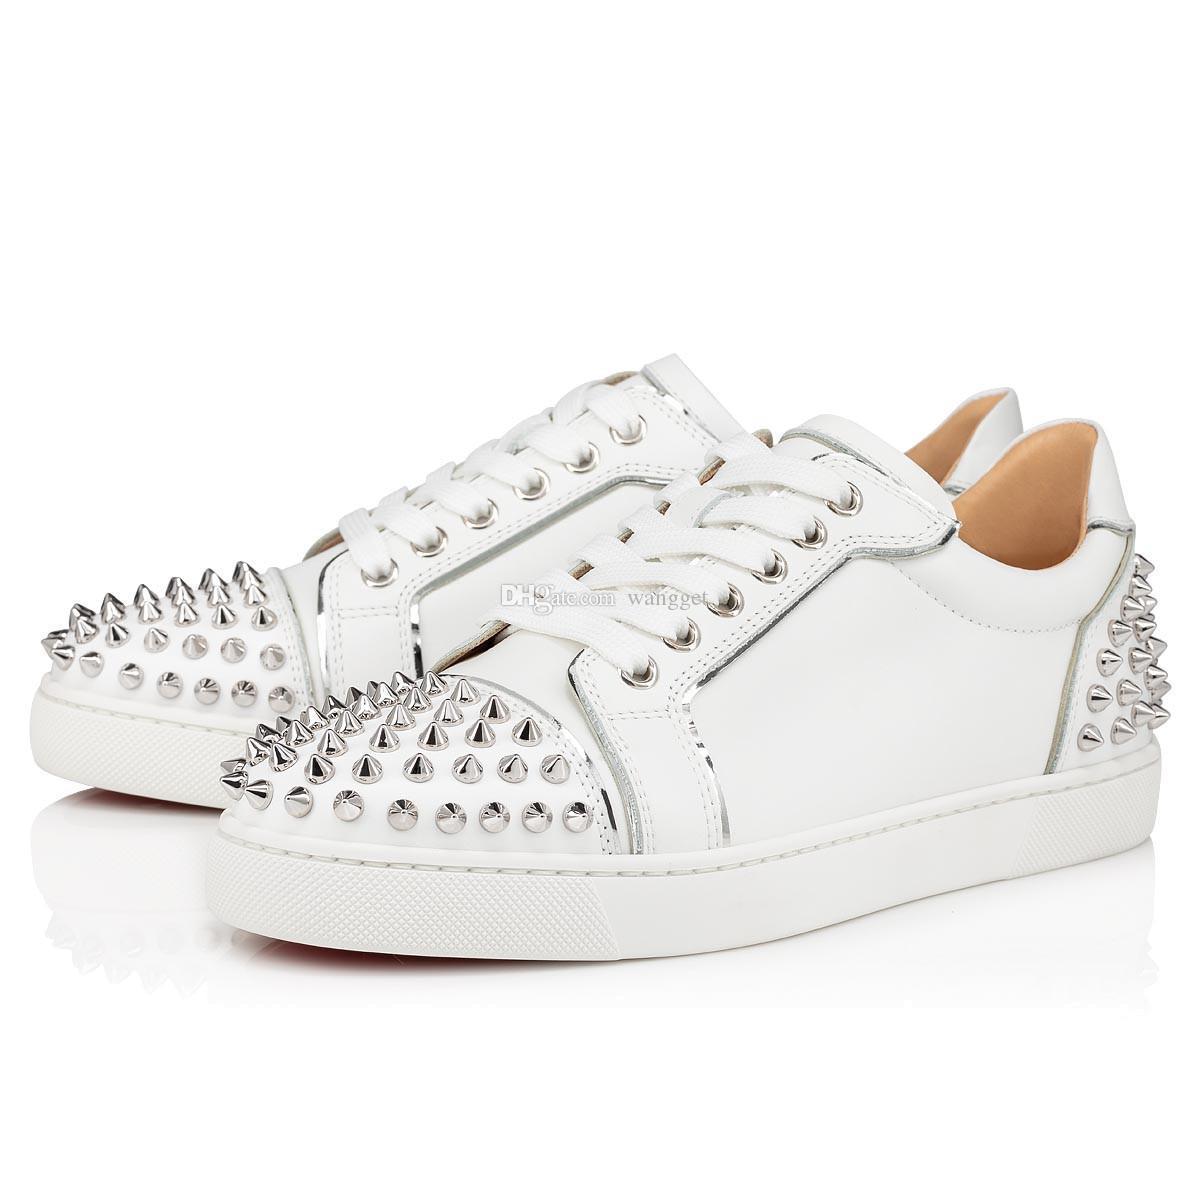 Moda Nova Rantulow Orlato Vermelho Bottom Sneakers Low Top Sports Outdoor Popular Designer Men Sapatos Casuais Vermelho Sole Trainers EU35-47